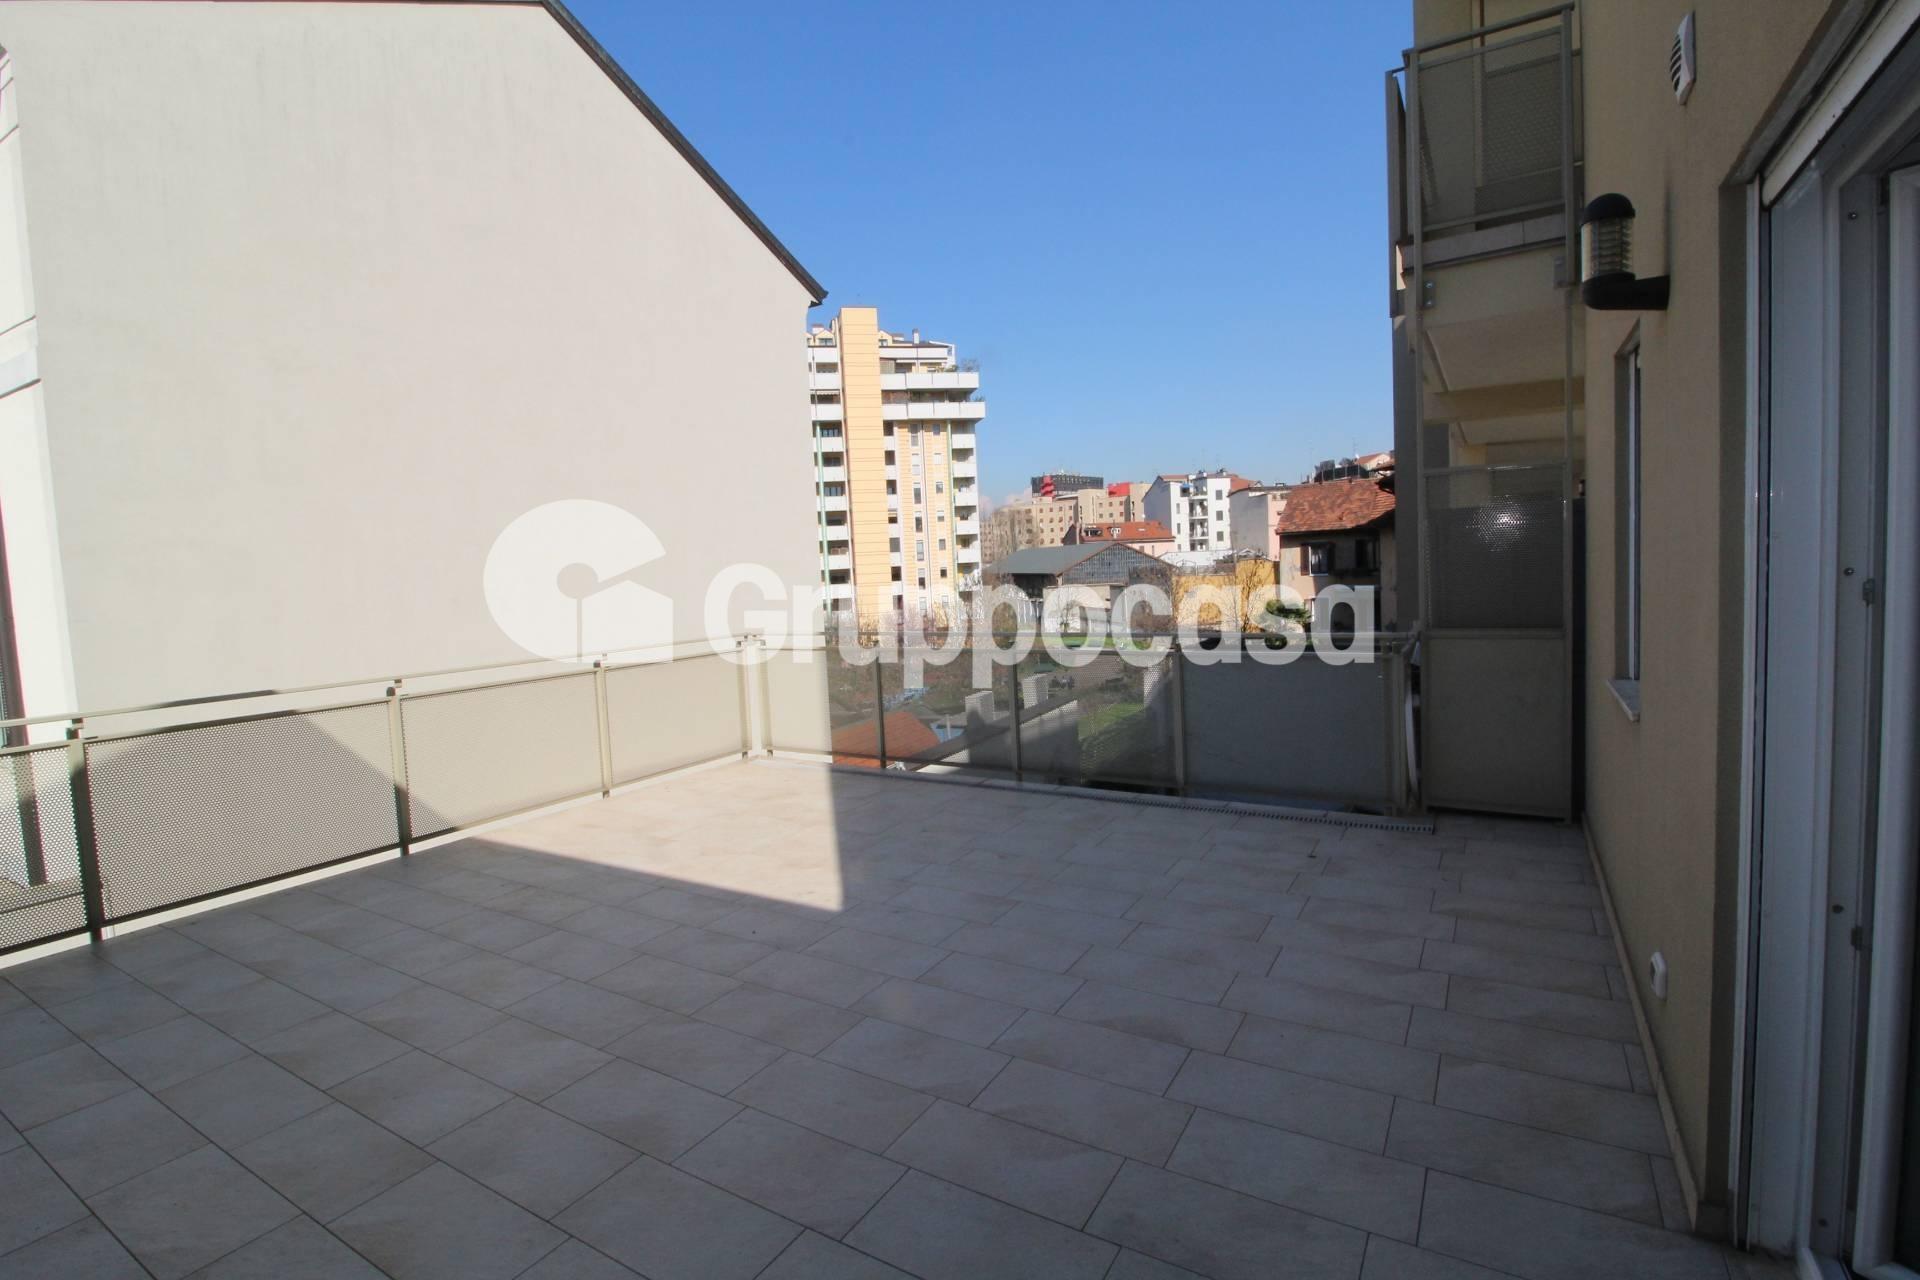 Appartamento in Vendita a Milano 10 Isola / Centrale / Gioia: 2 locali, 90 mq